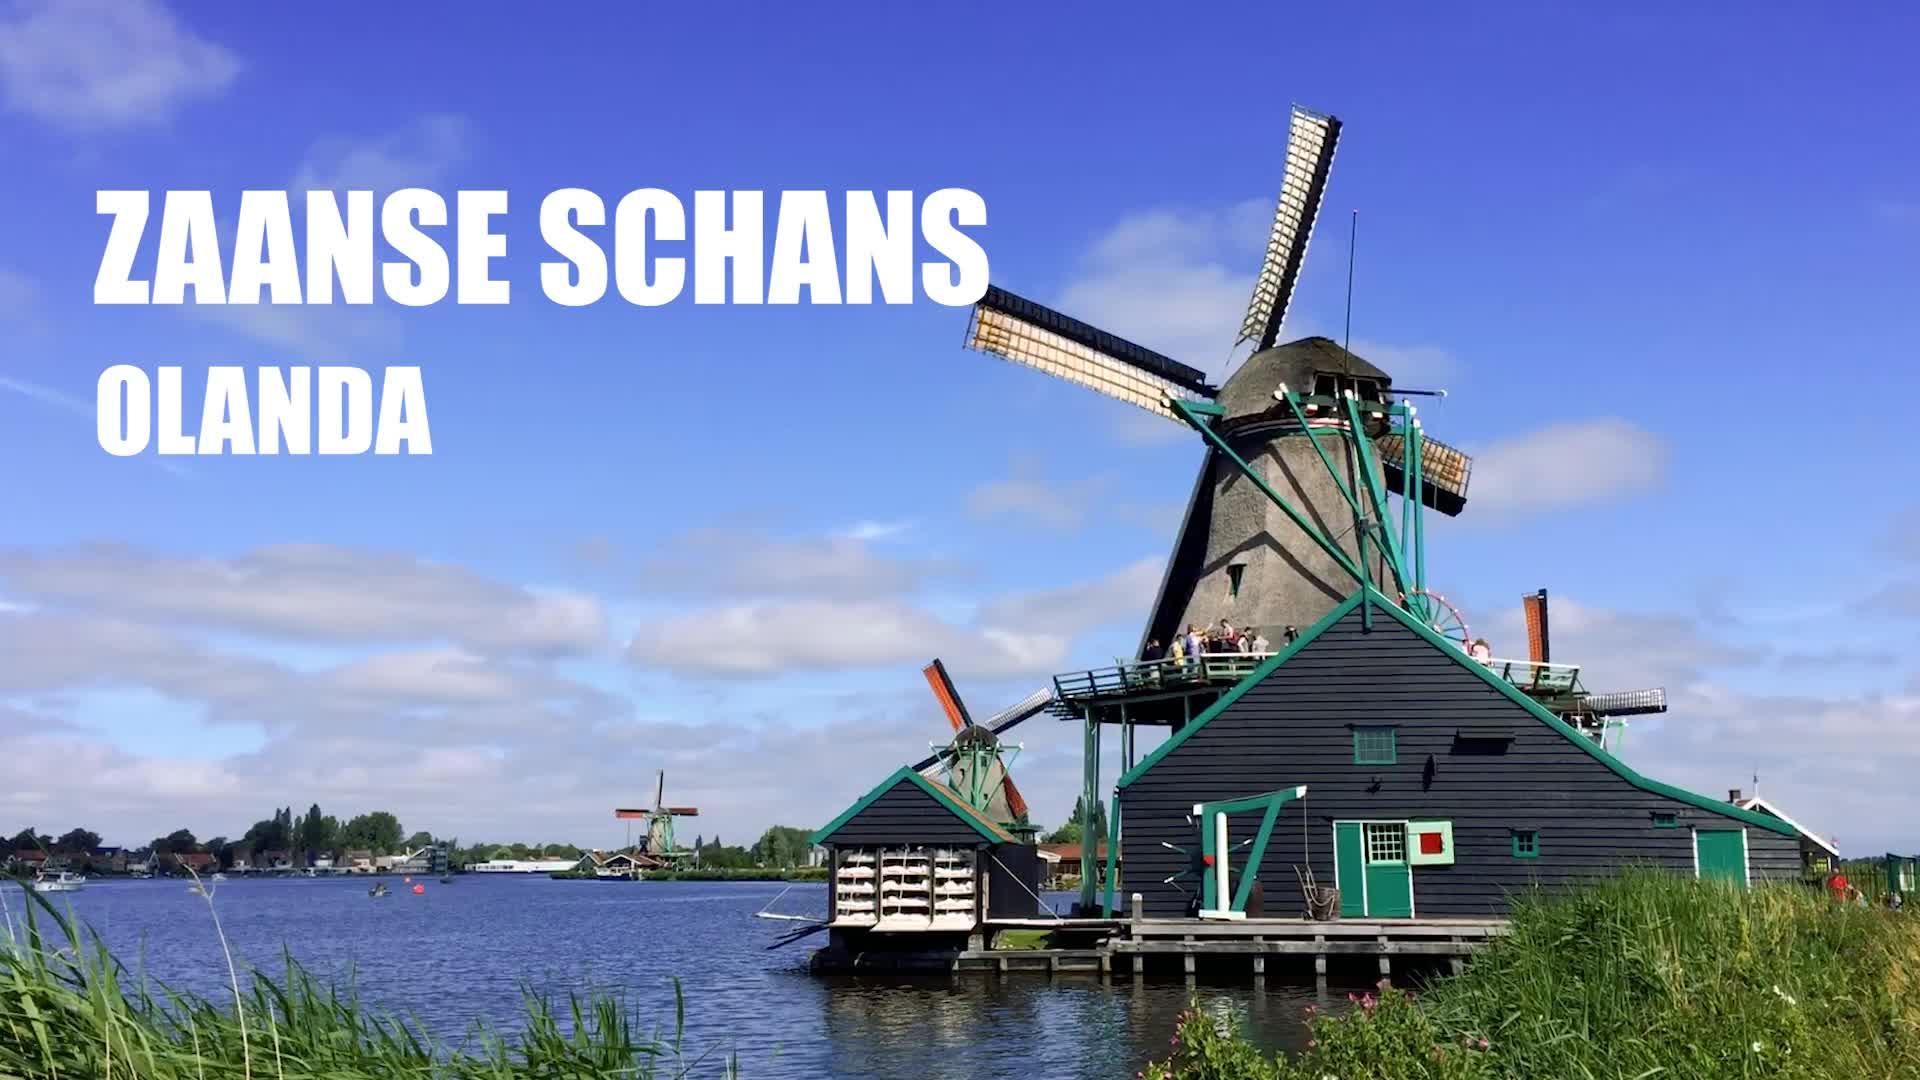 Vendita Case In Olanda zaanse schans: il villaggio dei mulini olandesi. guida